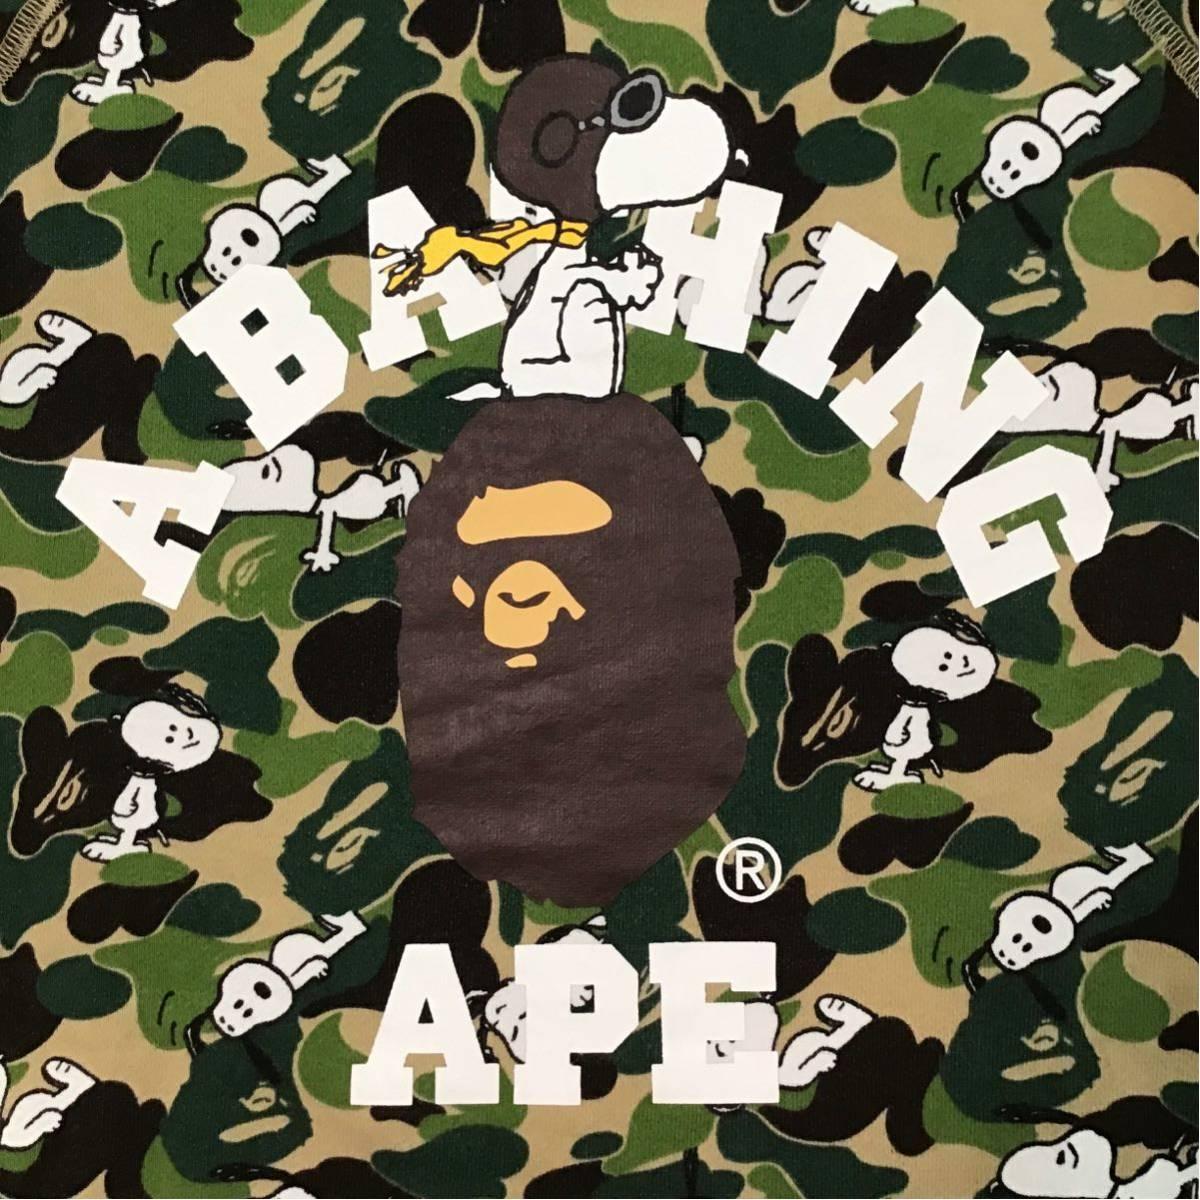 SNOOPY × BAPE ABC camo 長袖 スウェット Mサイズ a bathing ape bape スヌーピー ピーナッツ peanuts エイプ ベイプ ABCカモ 迷彩 3699